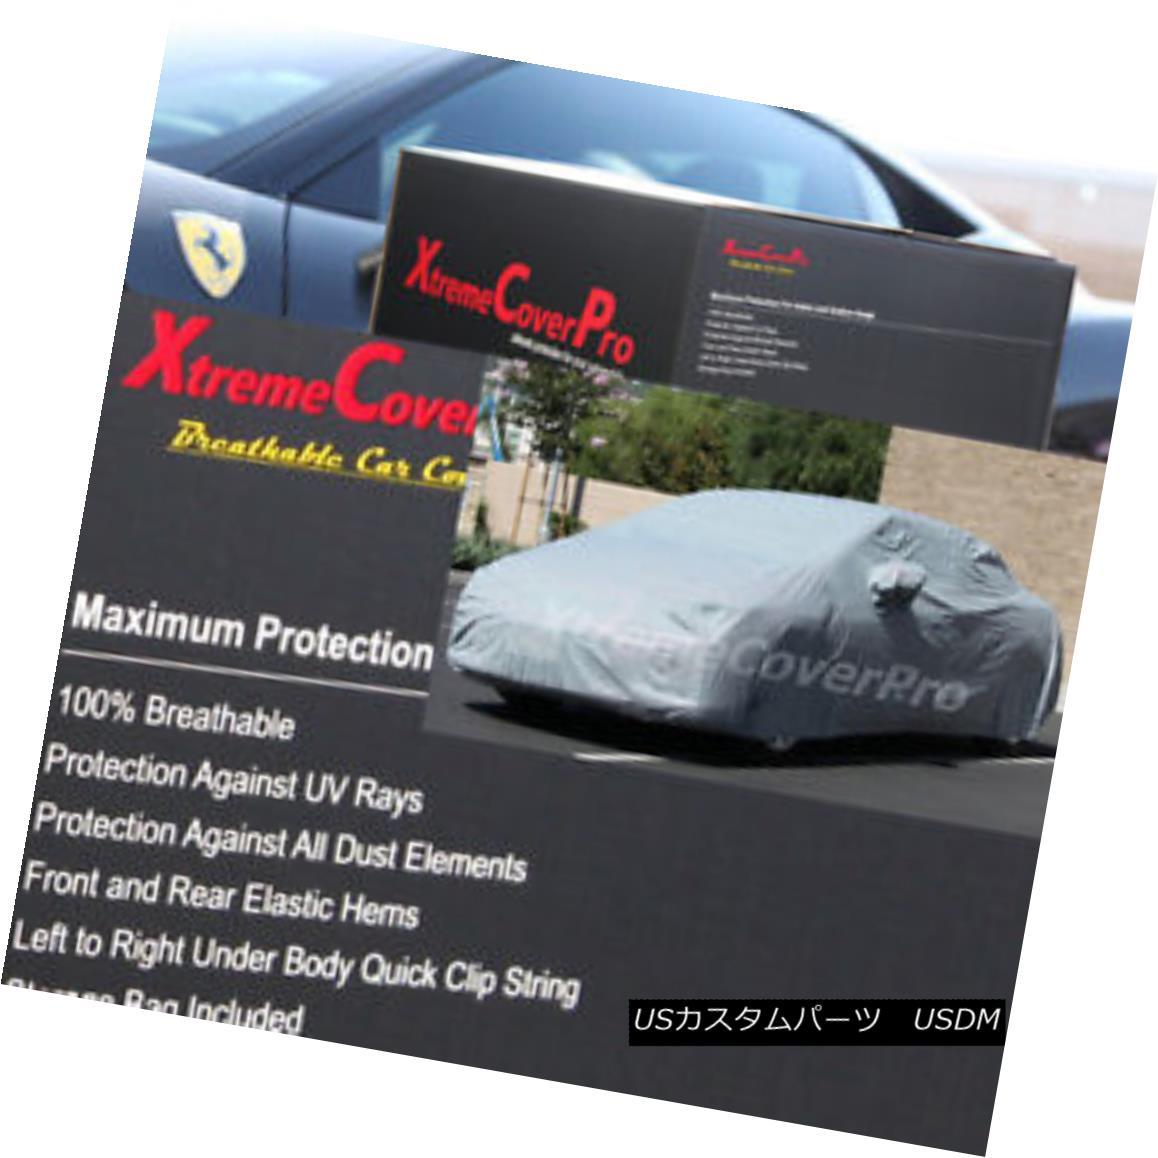 カーカバー 2015 HONDA ACCORD COUPE Breathable Car Cover w/Mirror Pockets - Gray 2015 HONDA ACCORD COUPE通気性のある車のカバー、ミラーポケット付き - グレー